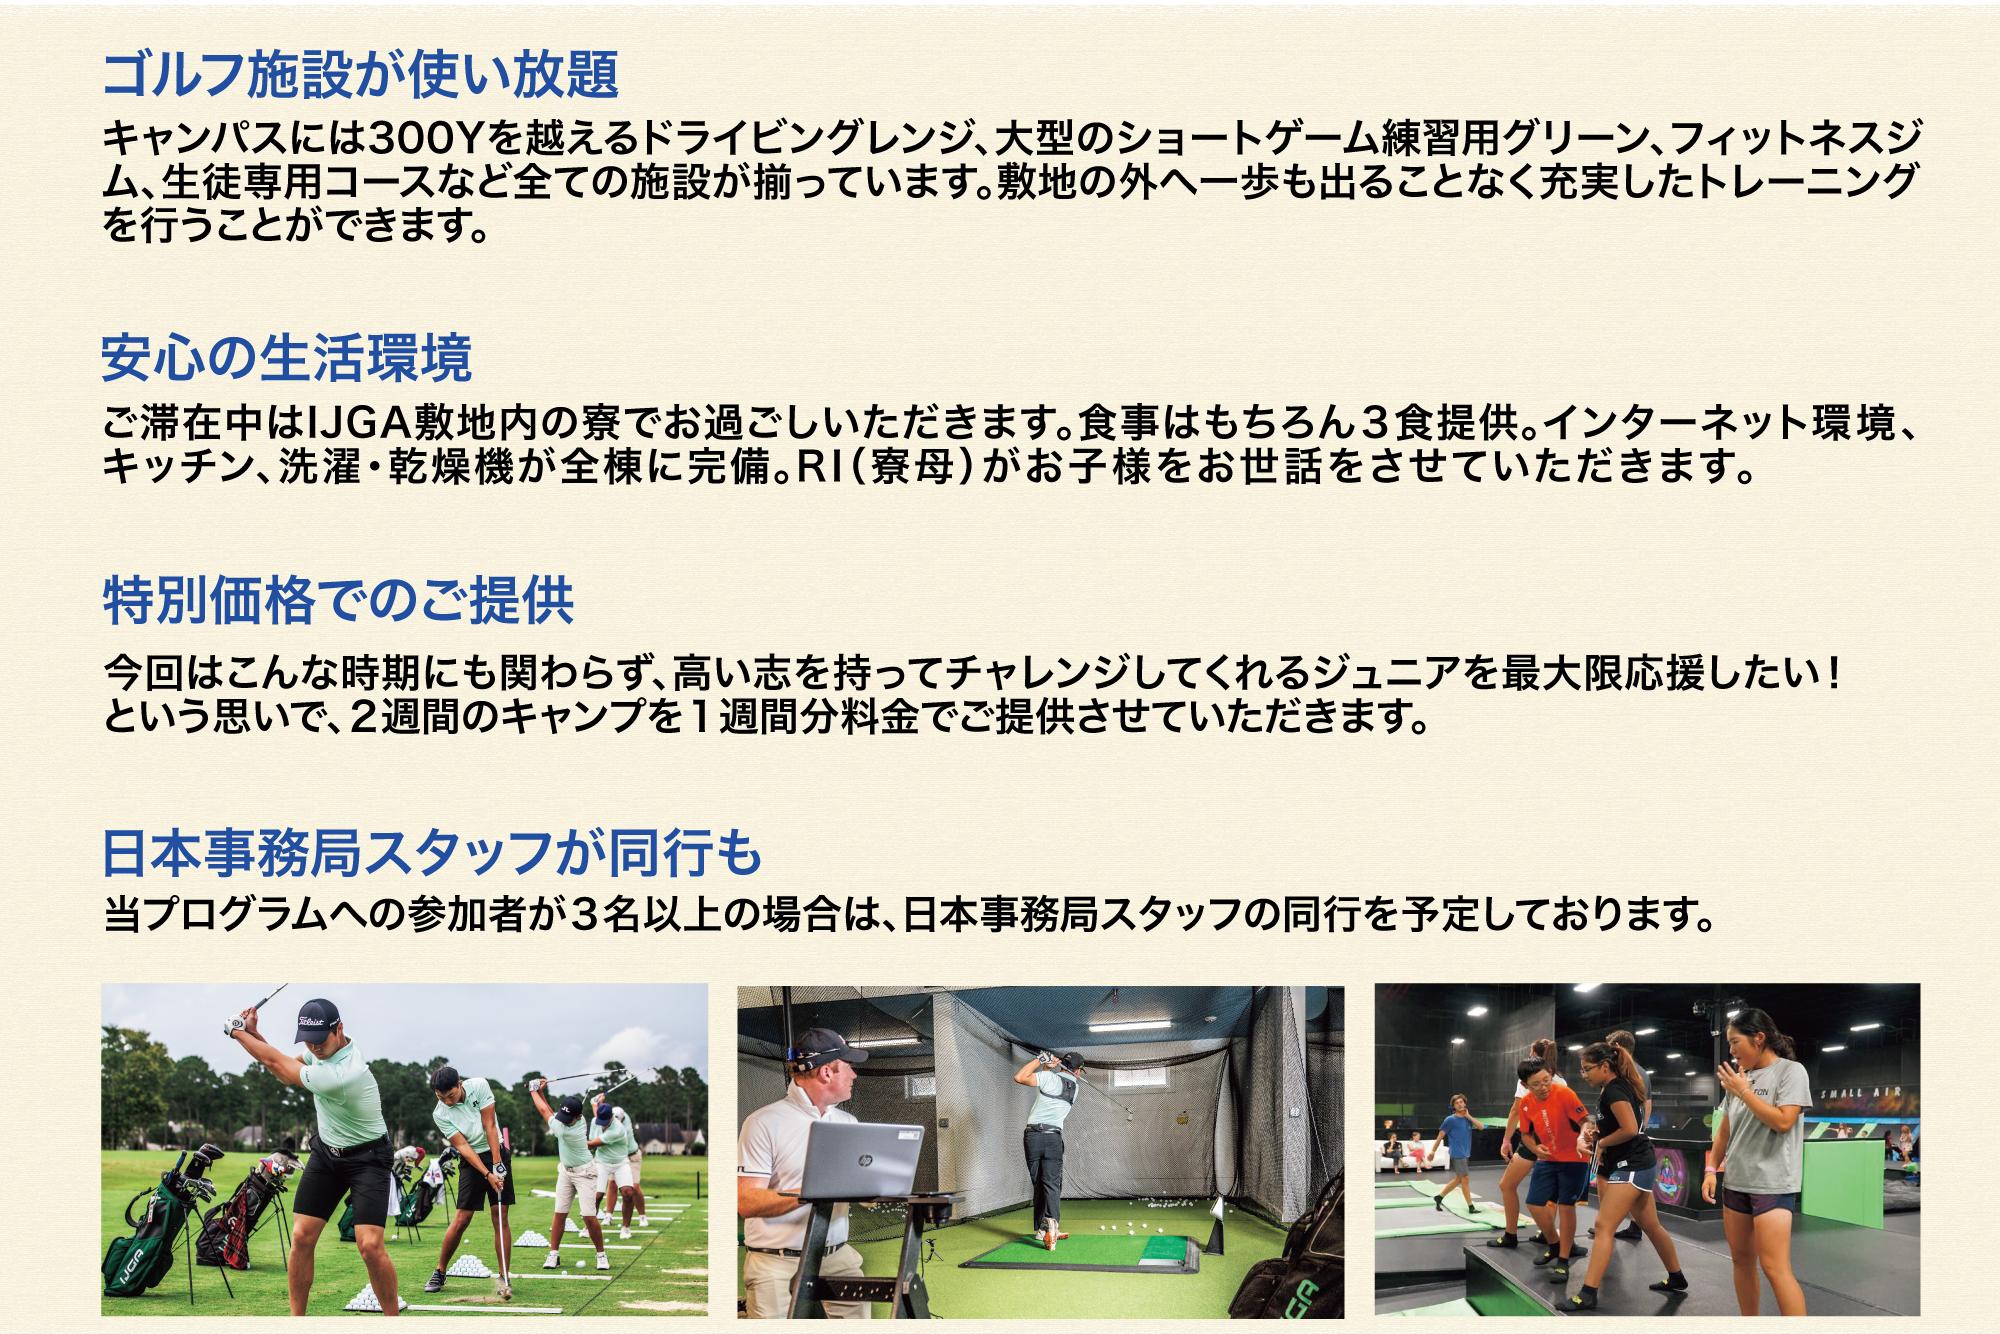 ゴルフ留学コロナに負けるなキャンペーン